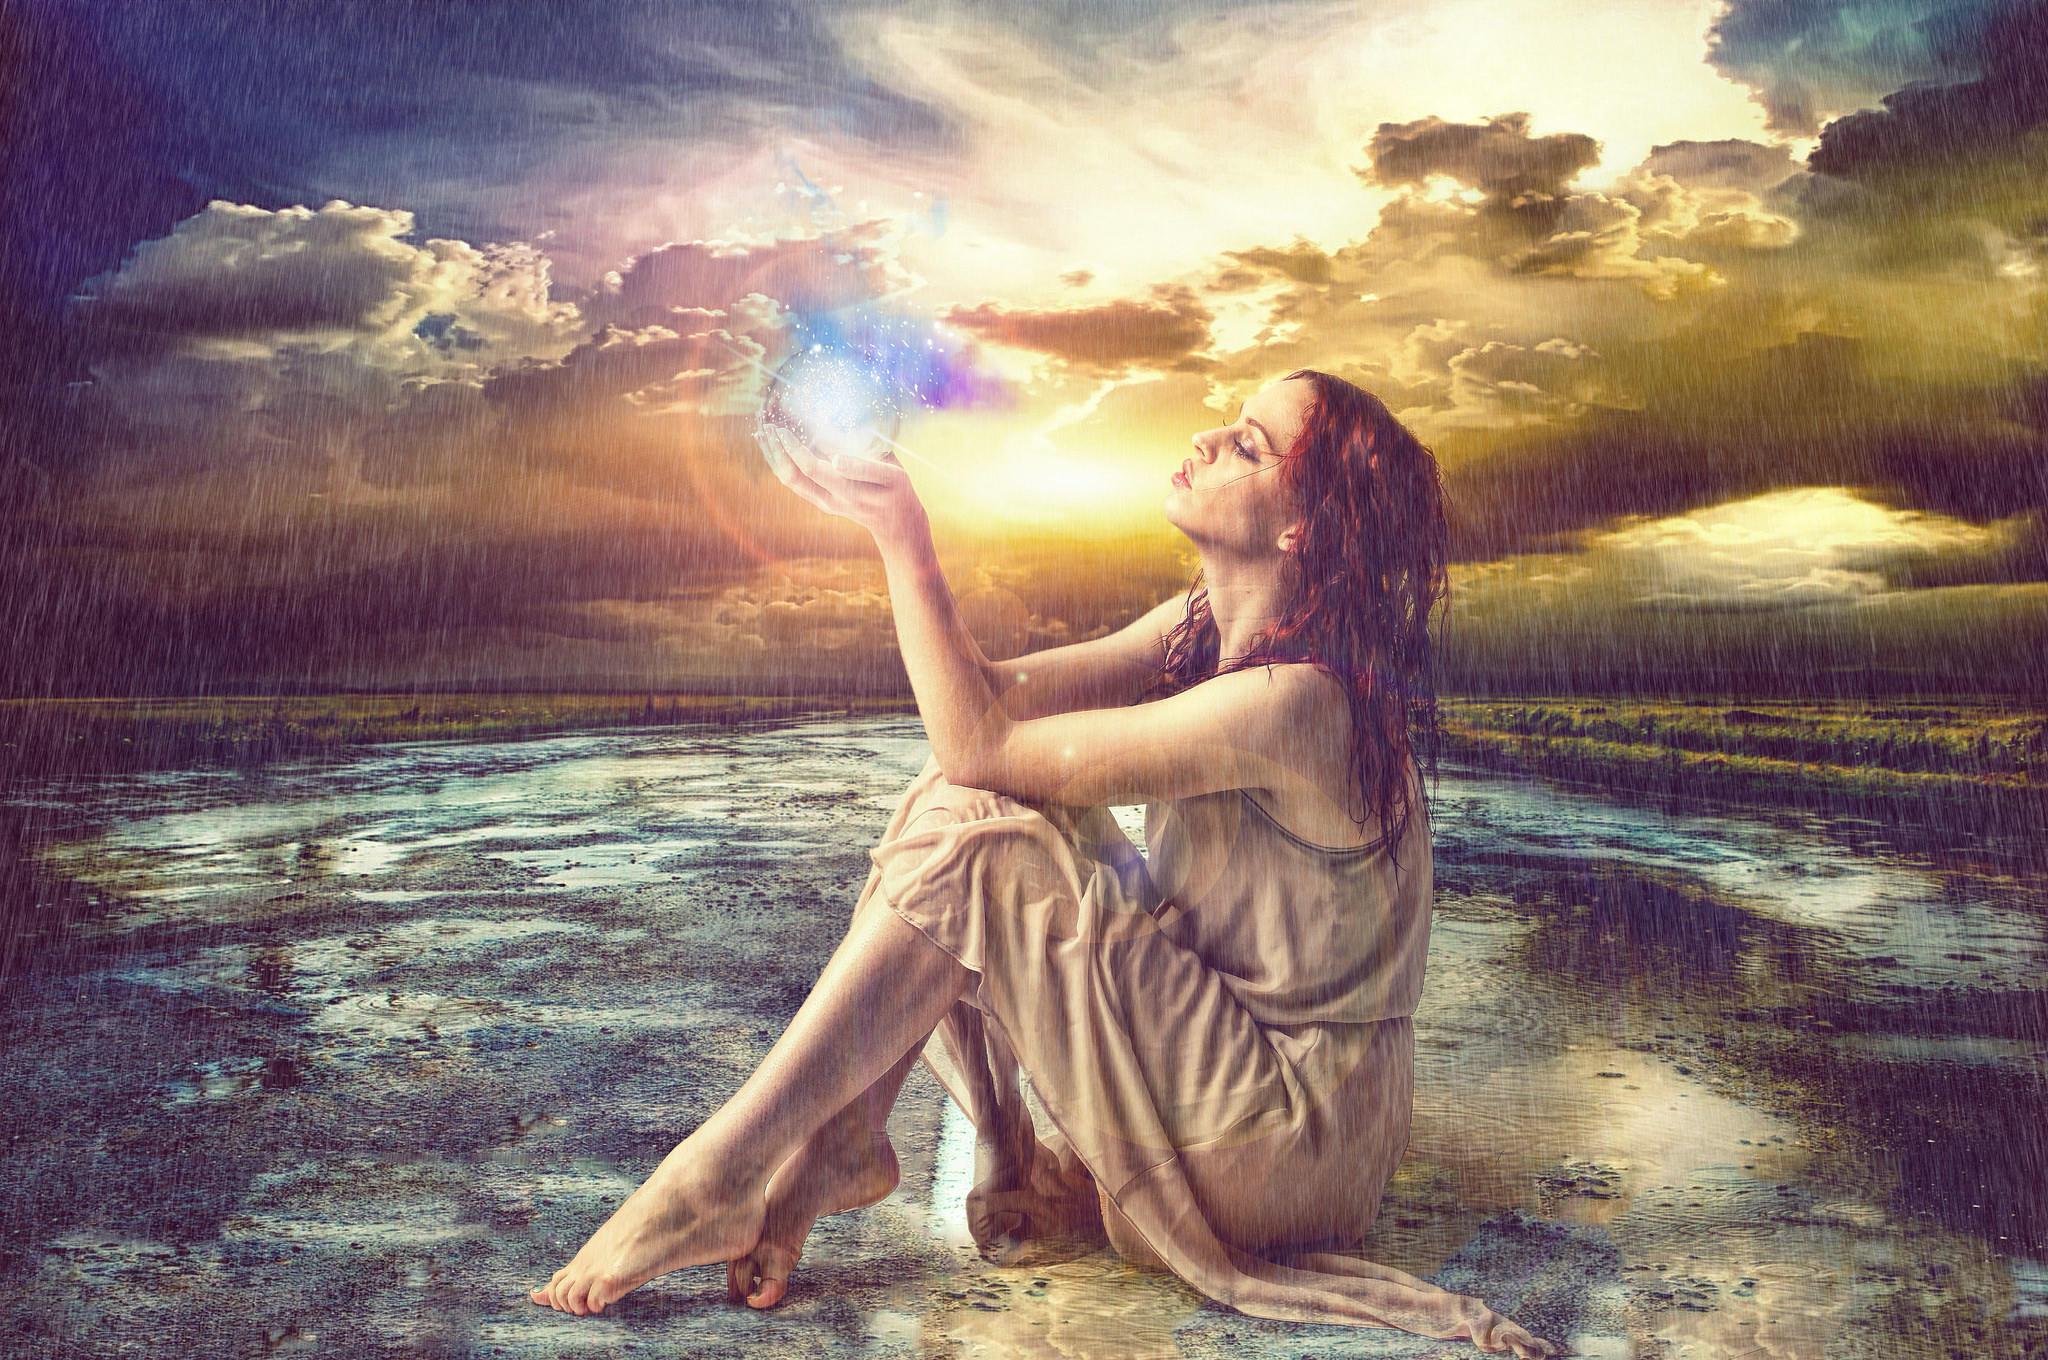 обои закат, дождь, дорога, девушка картинки фото